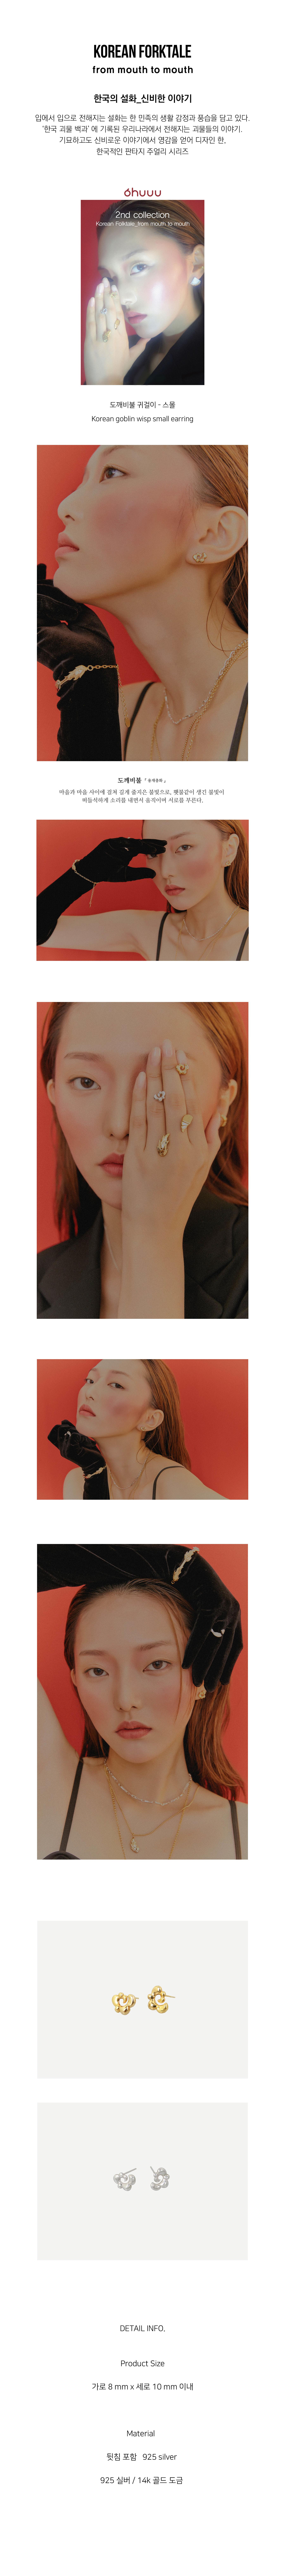 도깨비불 귀걸이 - 스몰 _ Korean goblin wisp small earring - 스튜디오 오후, 48,000원, 실버, 볼귀걸이